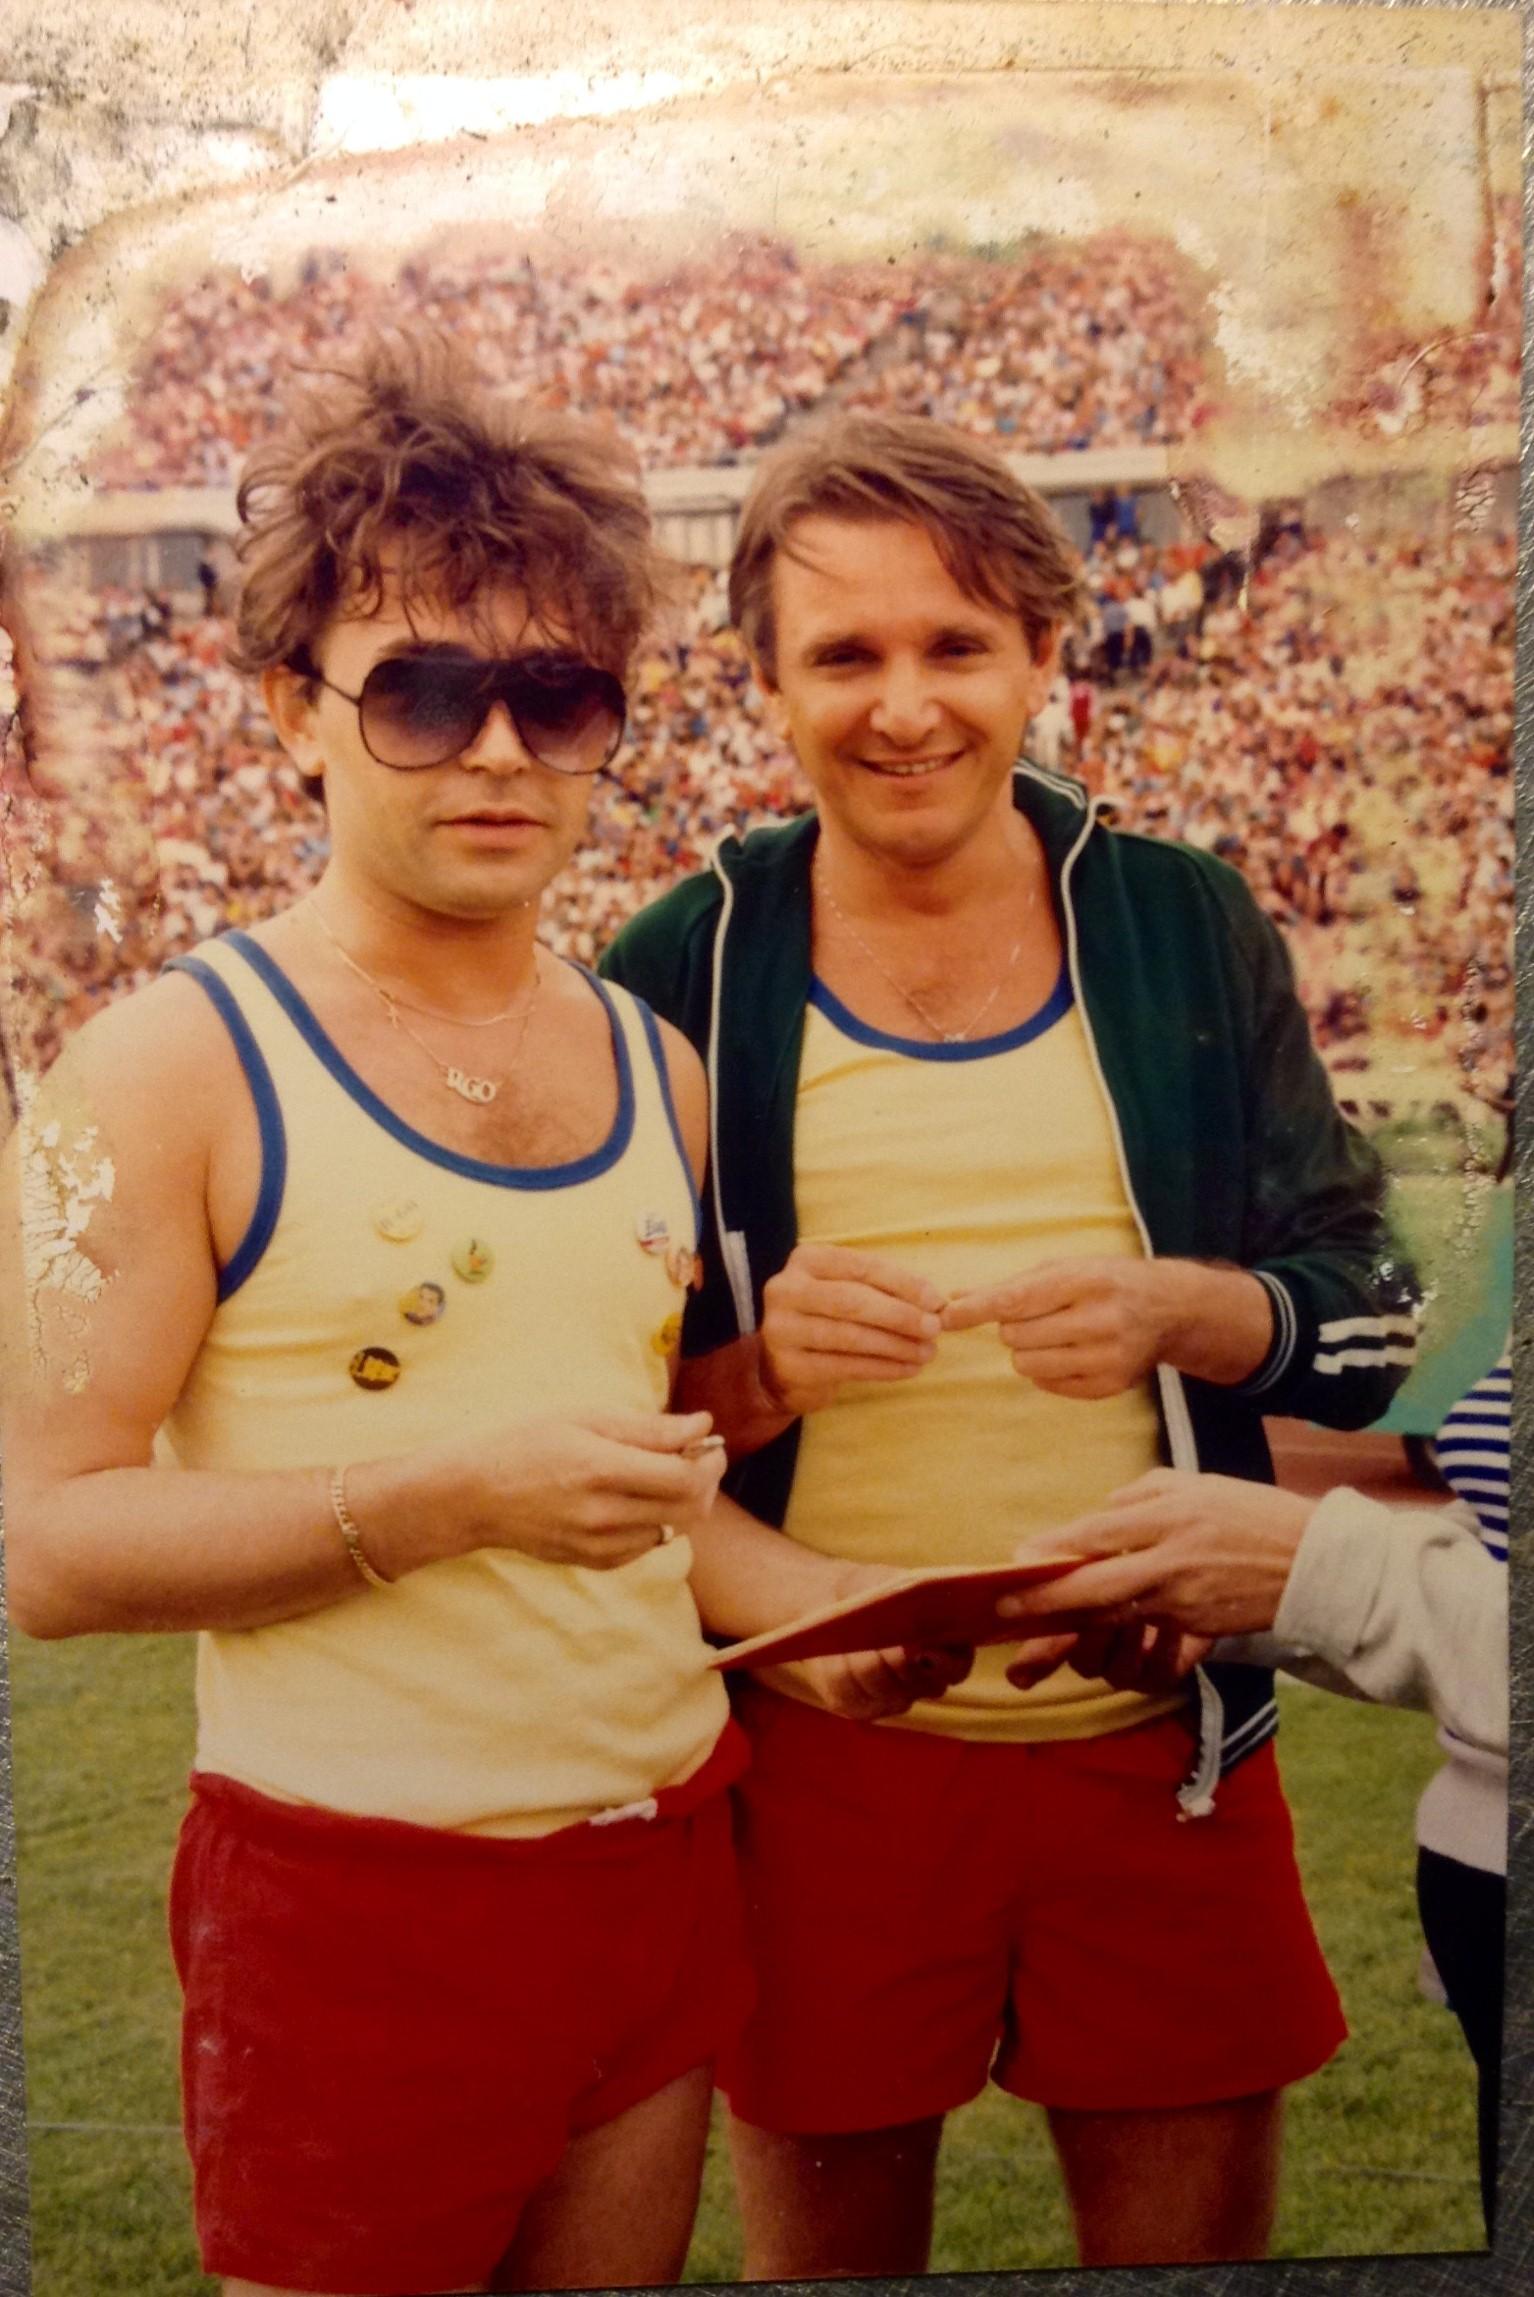 Szikora Róbert és Komár László – a fotó 1983-ban készült a SZÚR találkozón. A kép – egészen halála napjáig - Komár László íróasztalán állt, miután elhunyt, özvegye Szikora Róbertnek ajándékozta a fotó